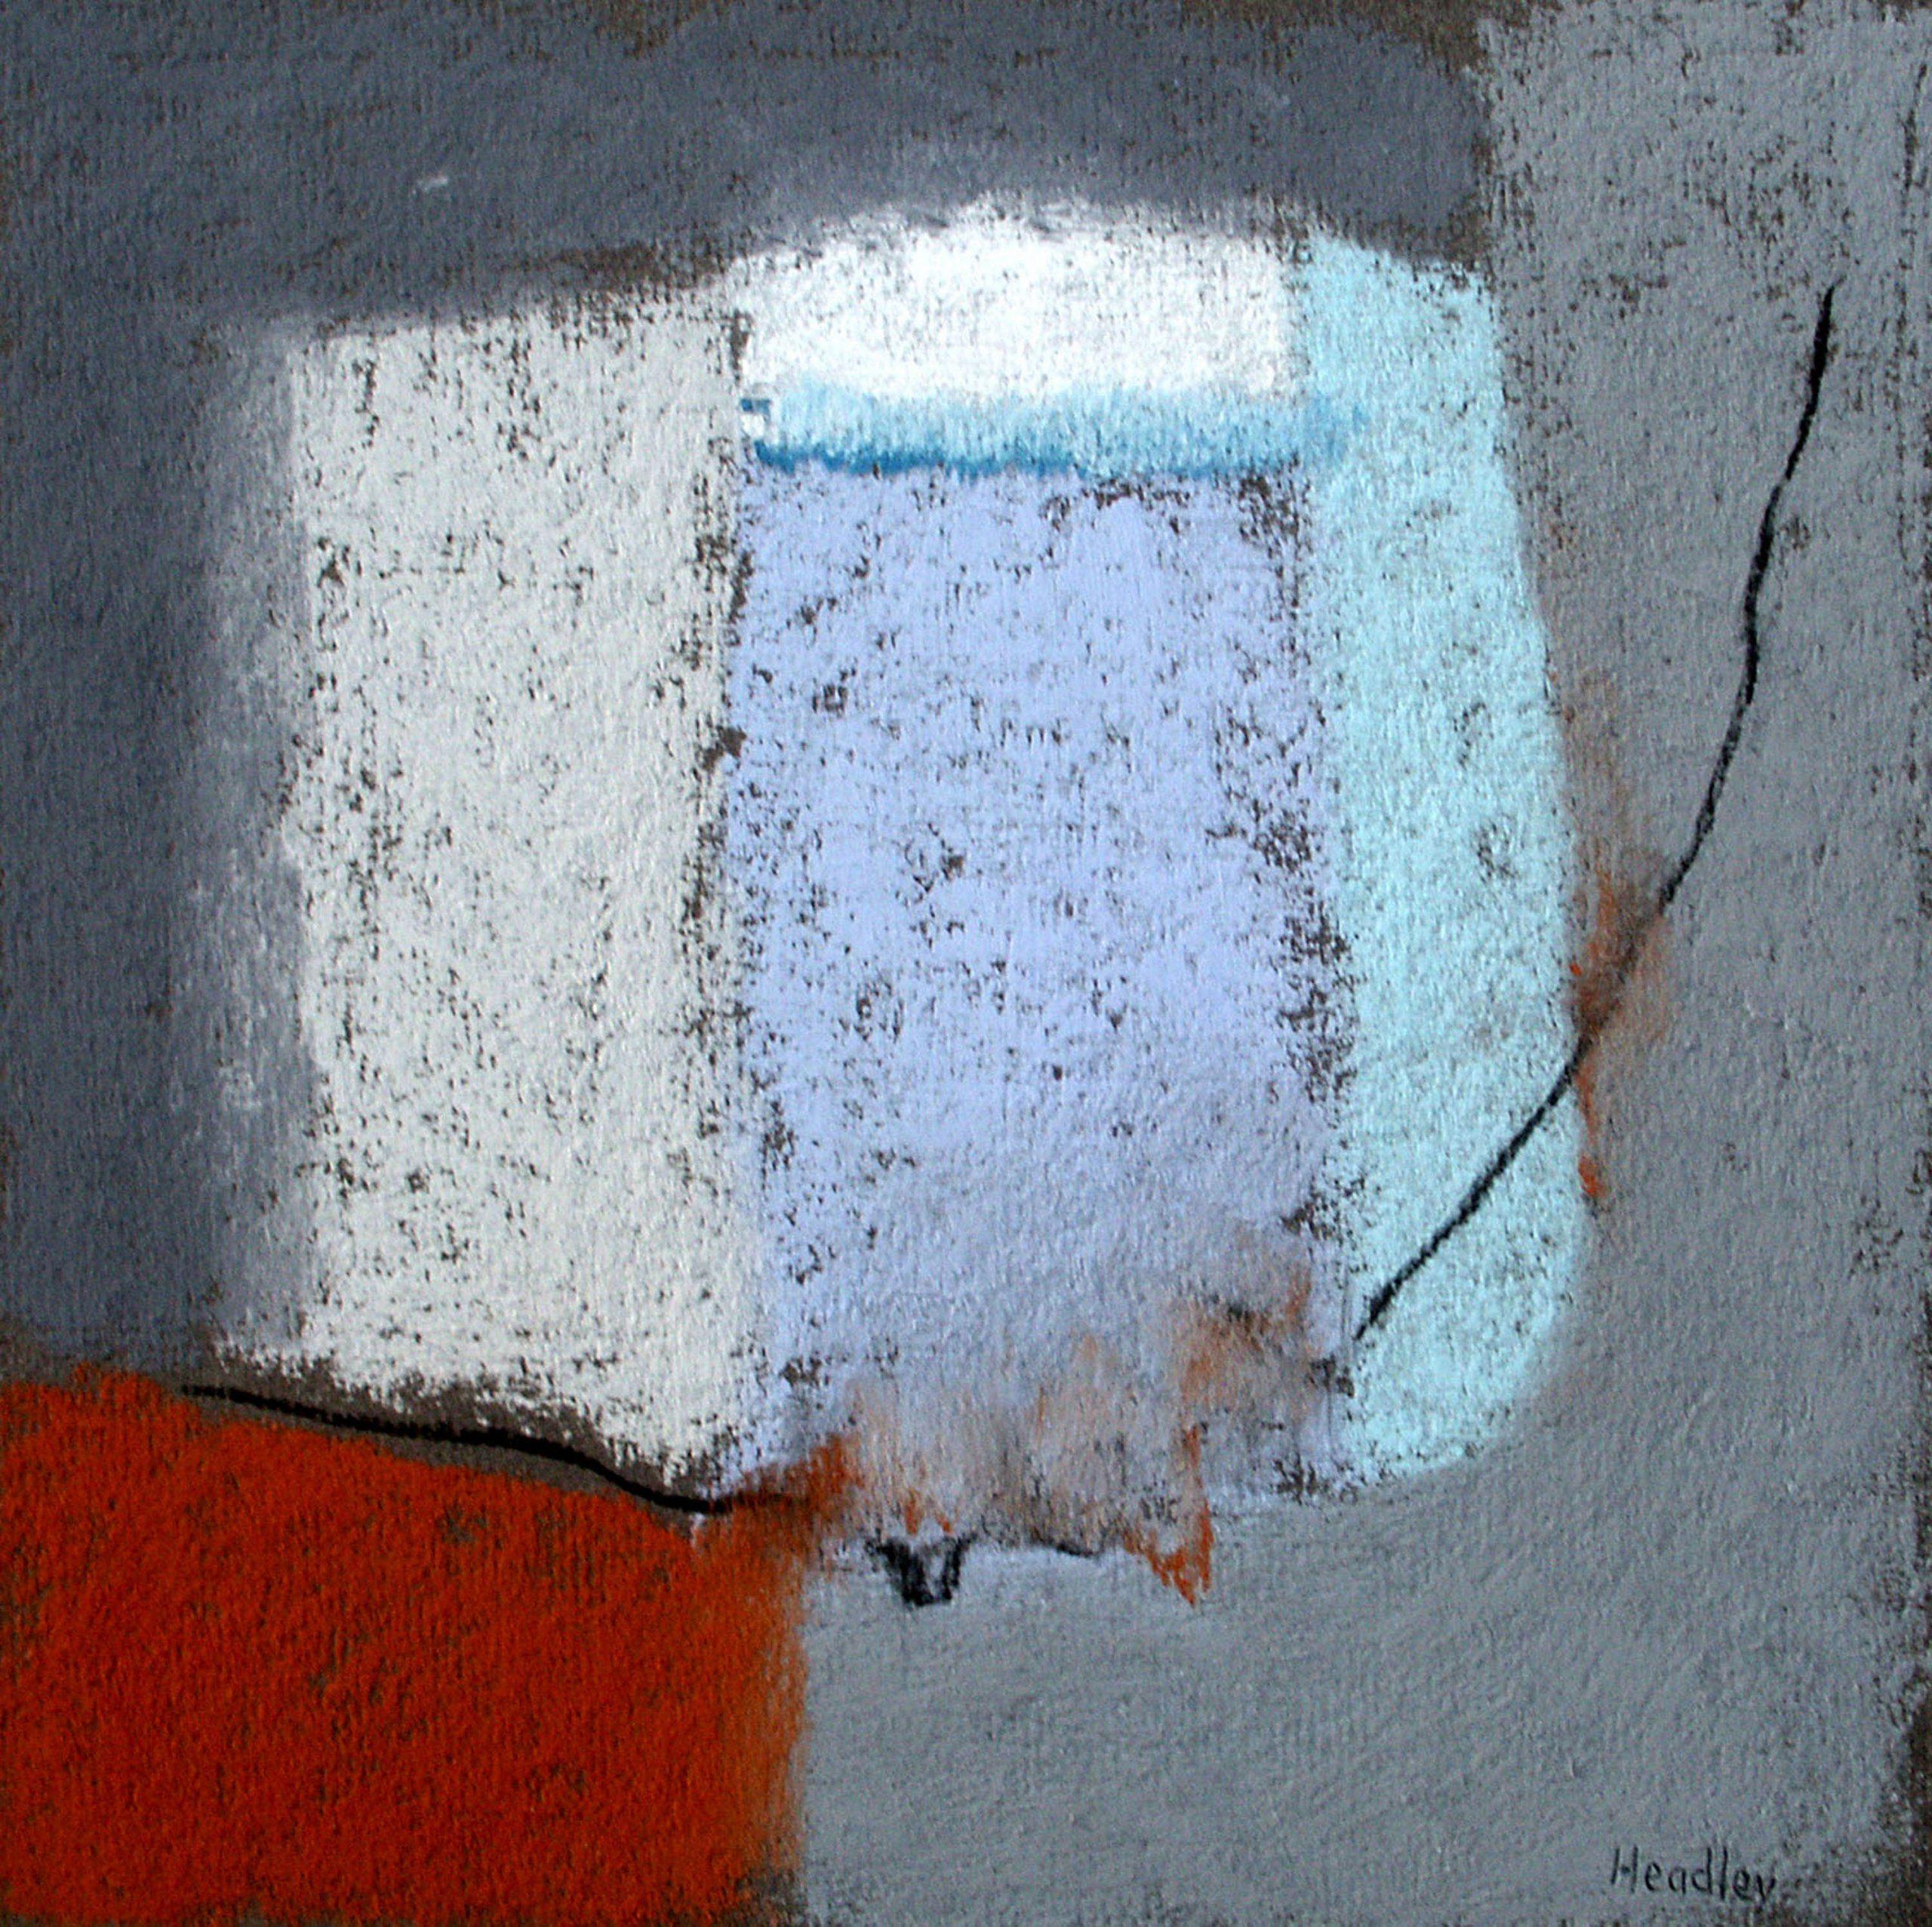 Catherine Headley, Granite and Lichen